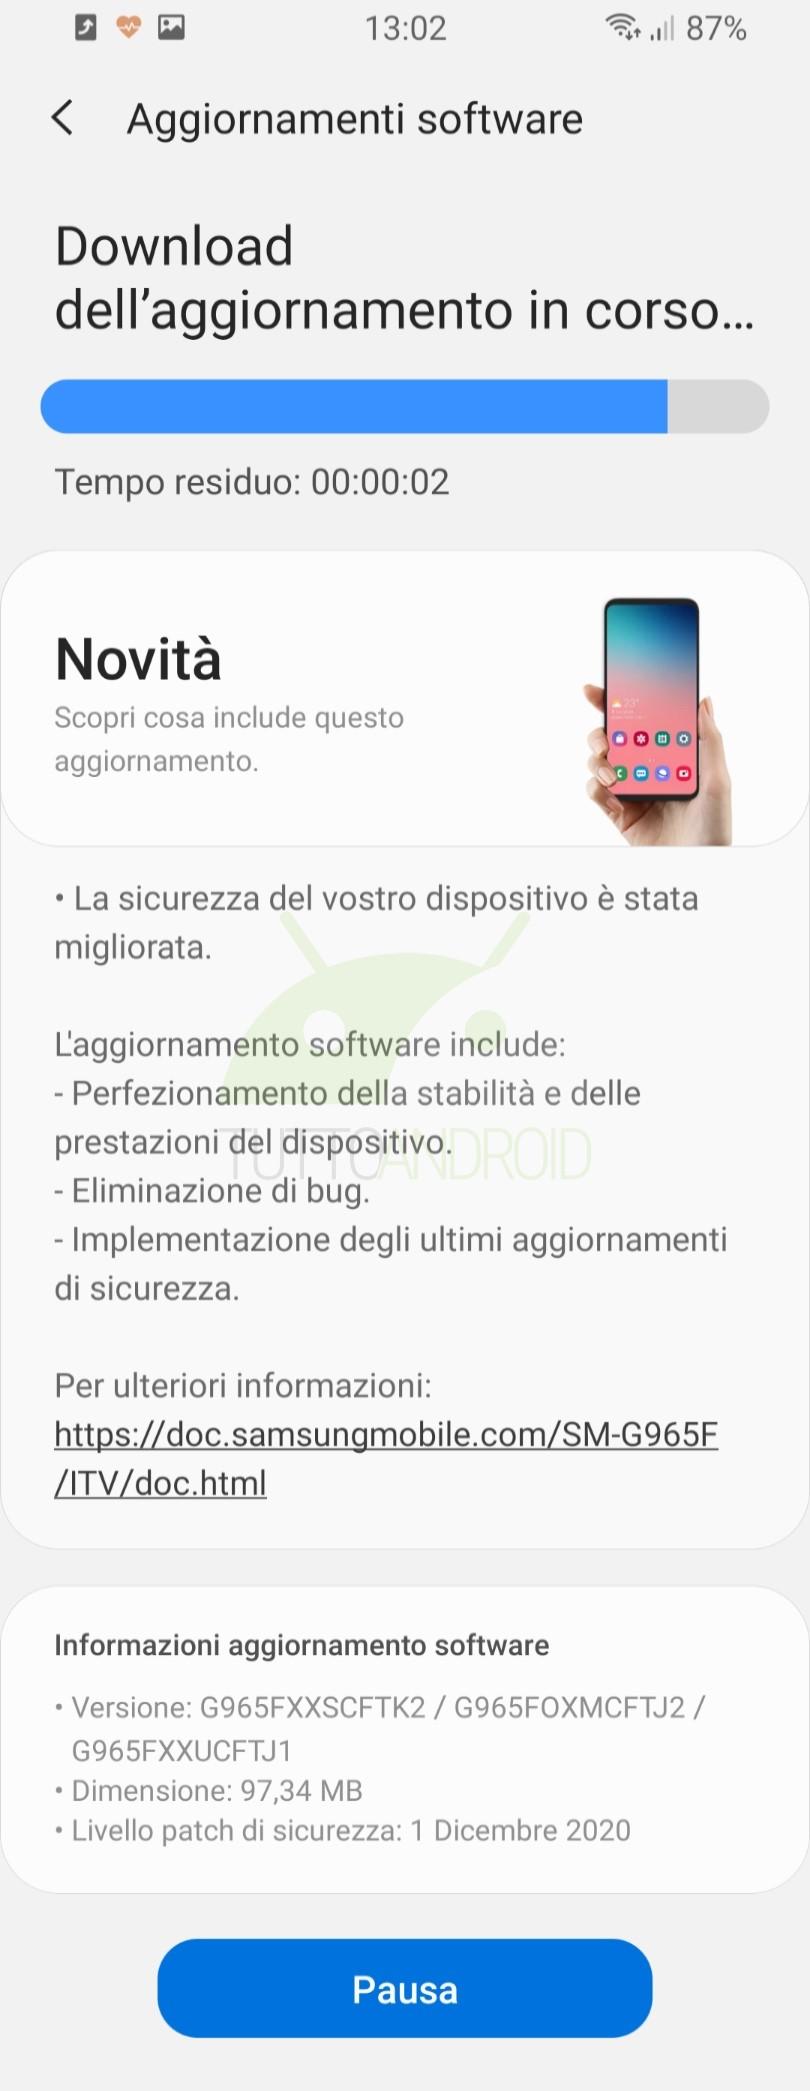 Samsung Galaxy S9+ aggiornamento patch di sicurezza dicembre 2020